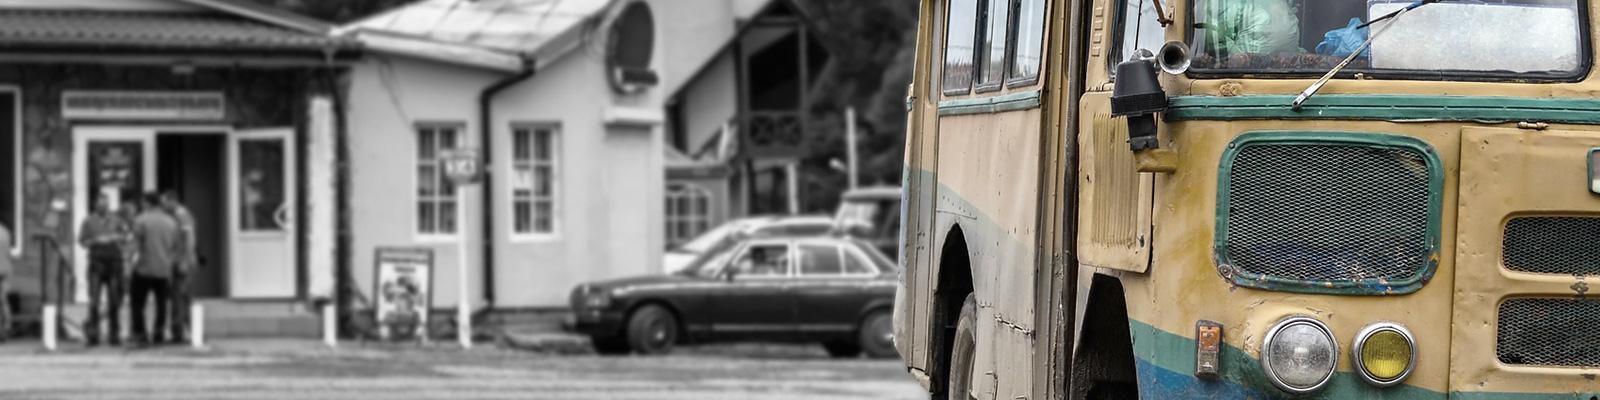 地方 交通 バス 駅 イメージ